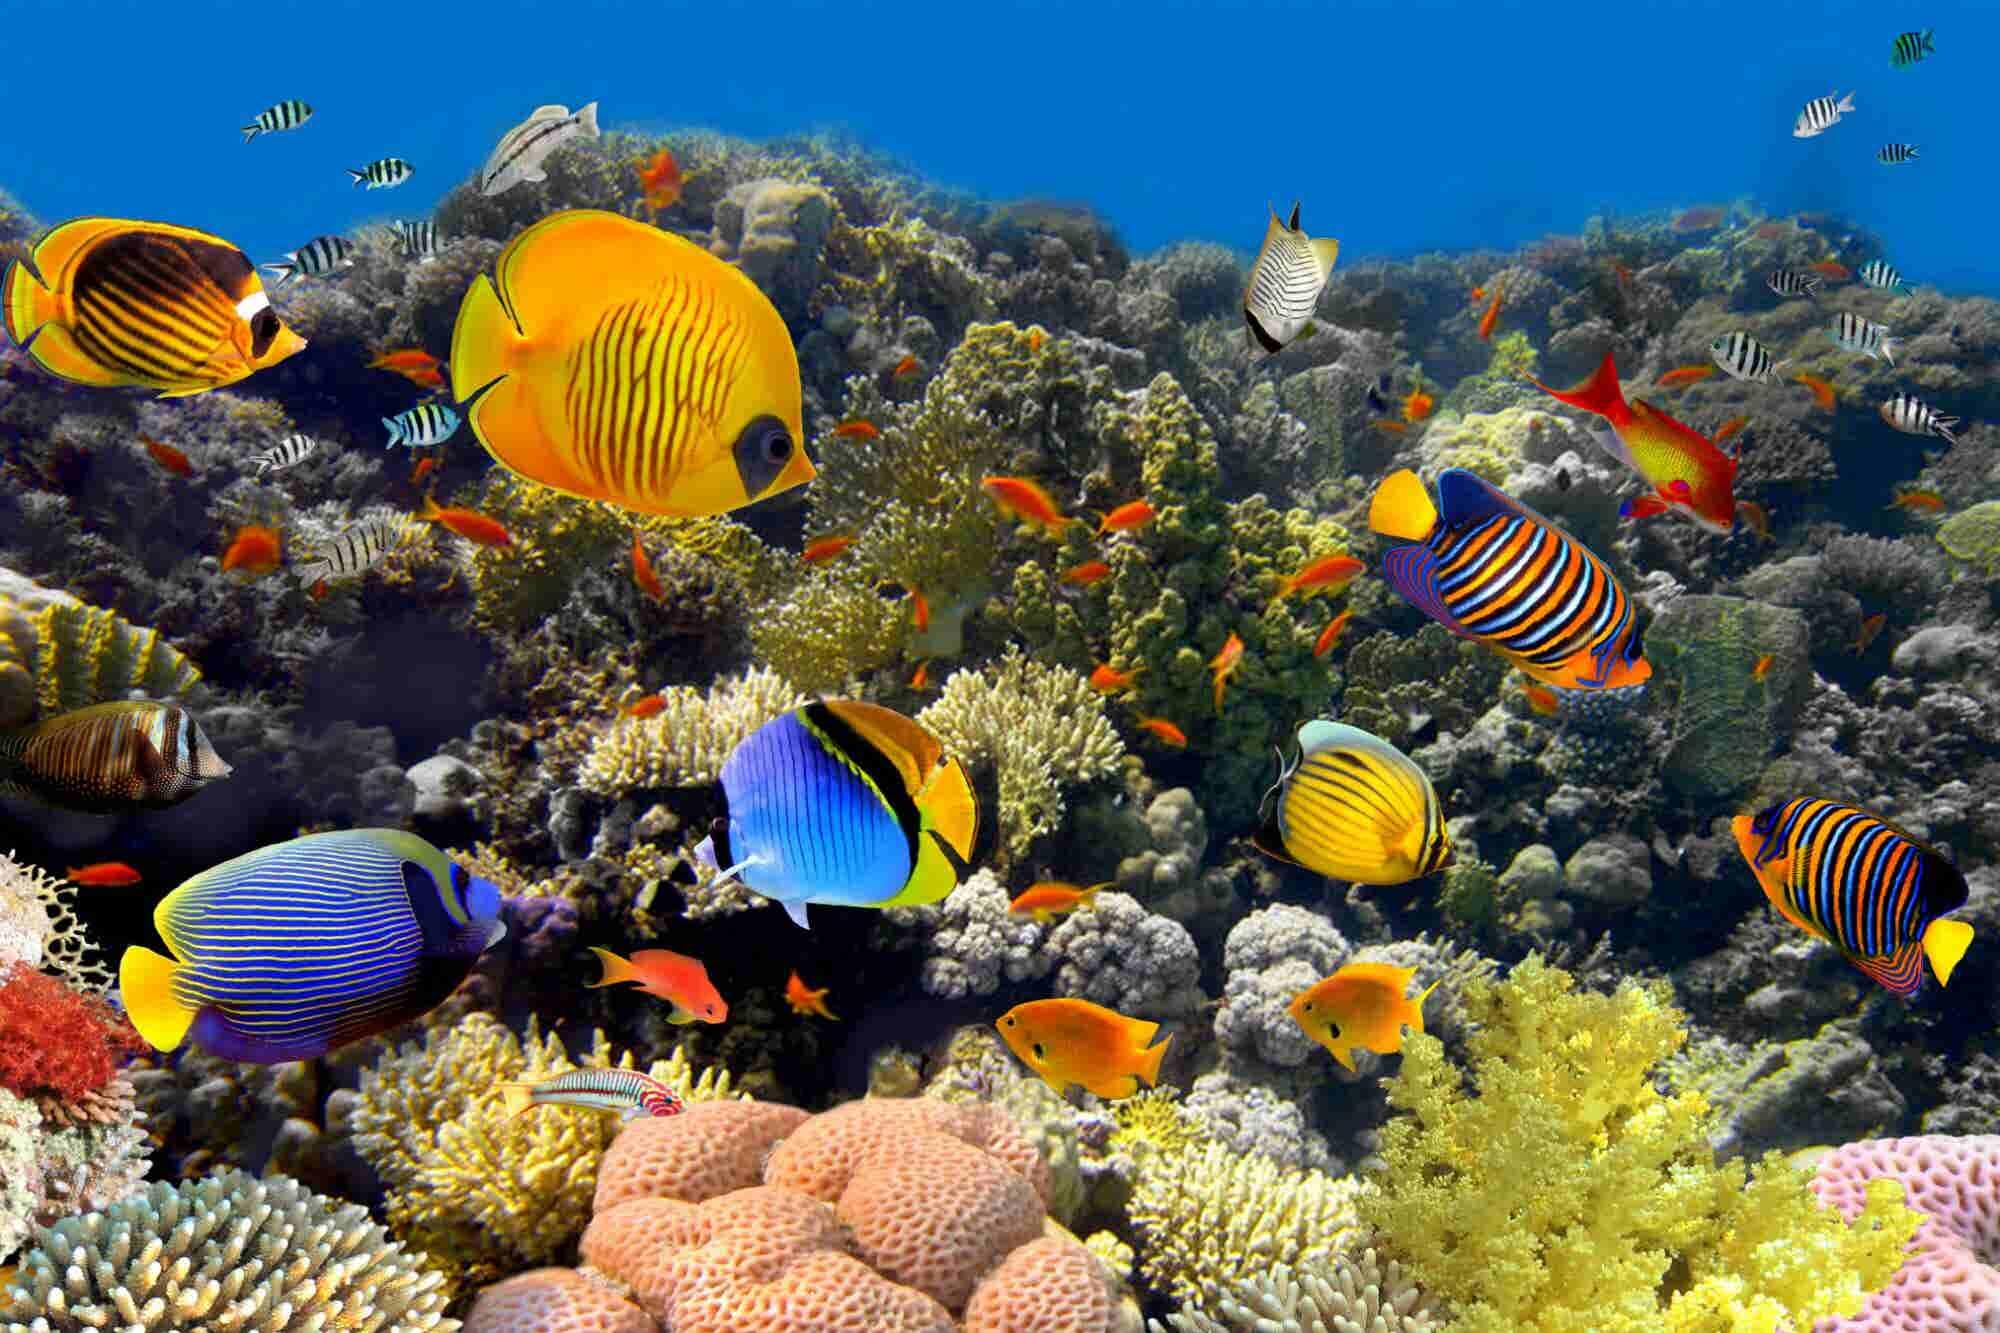 El turismo está dañando el océano. Así puedes protegerlo